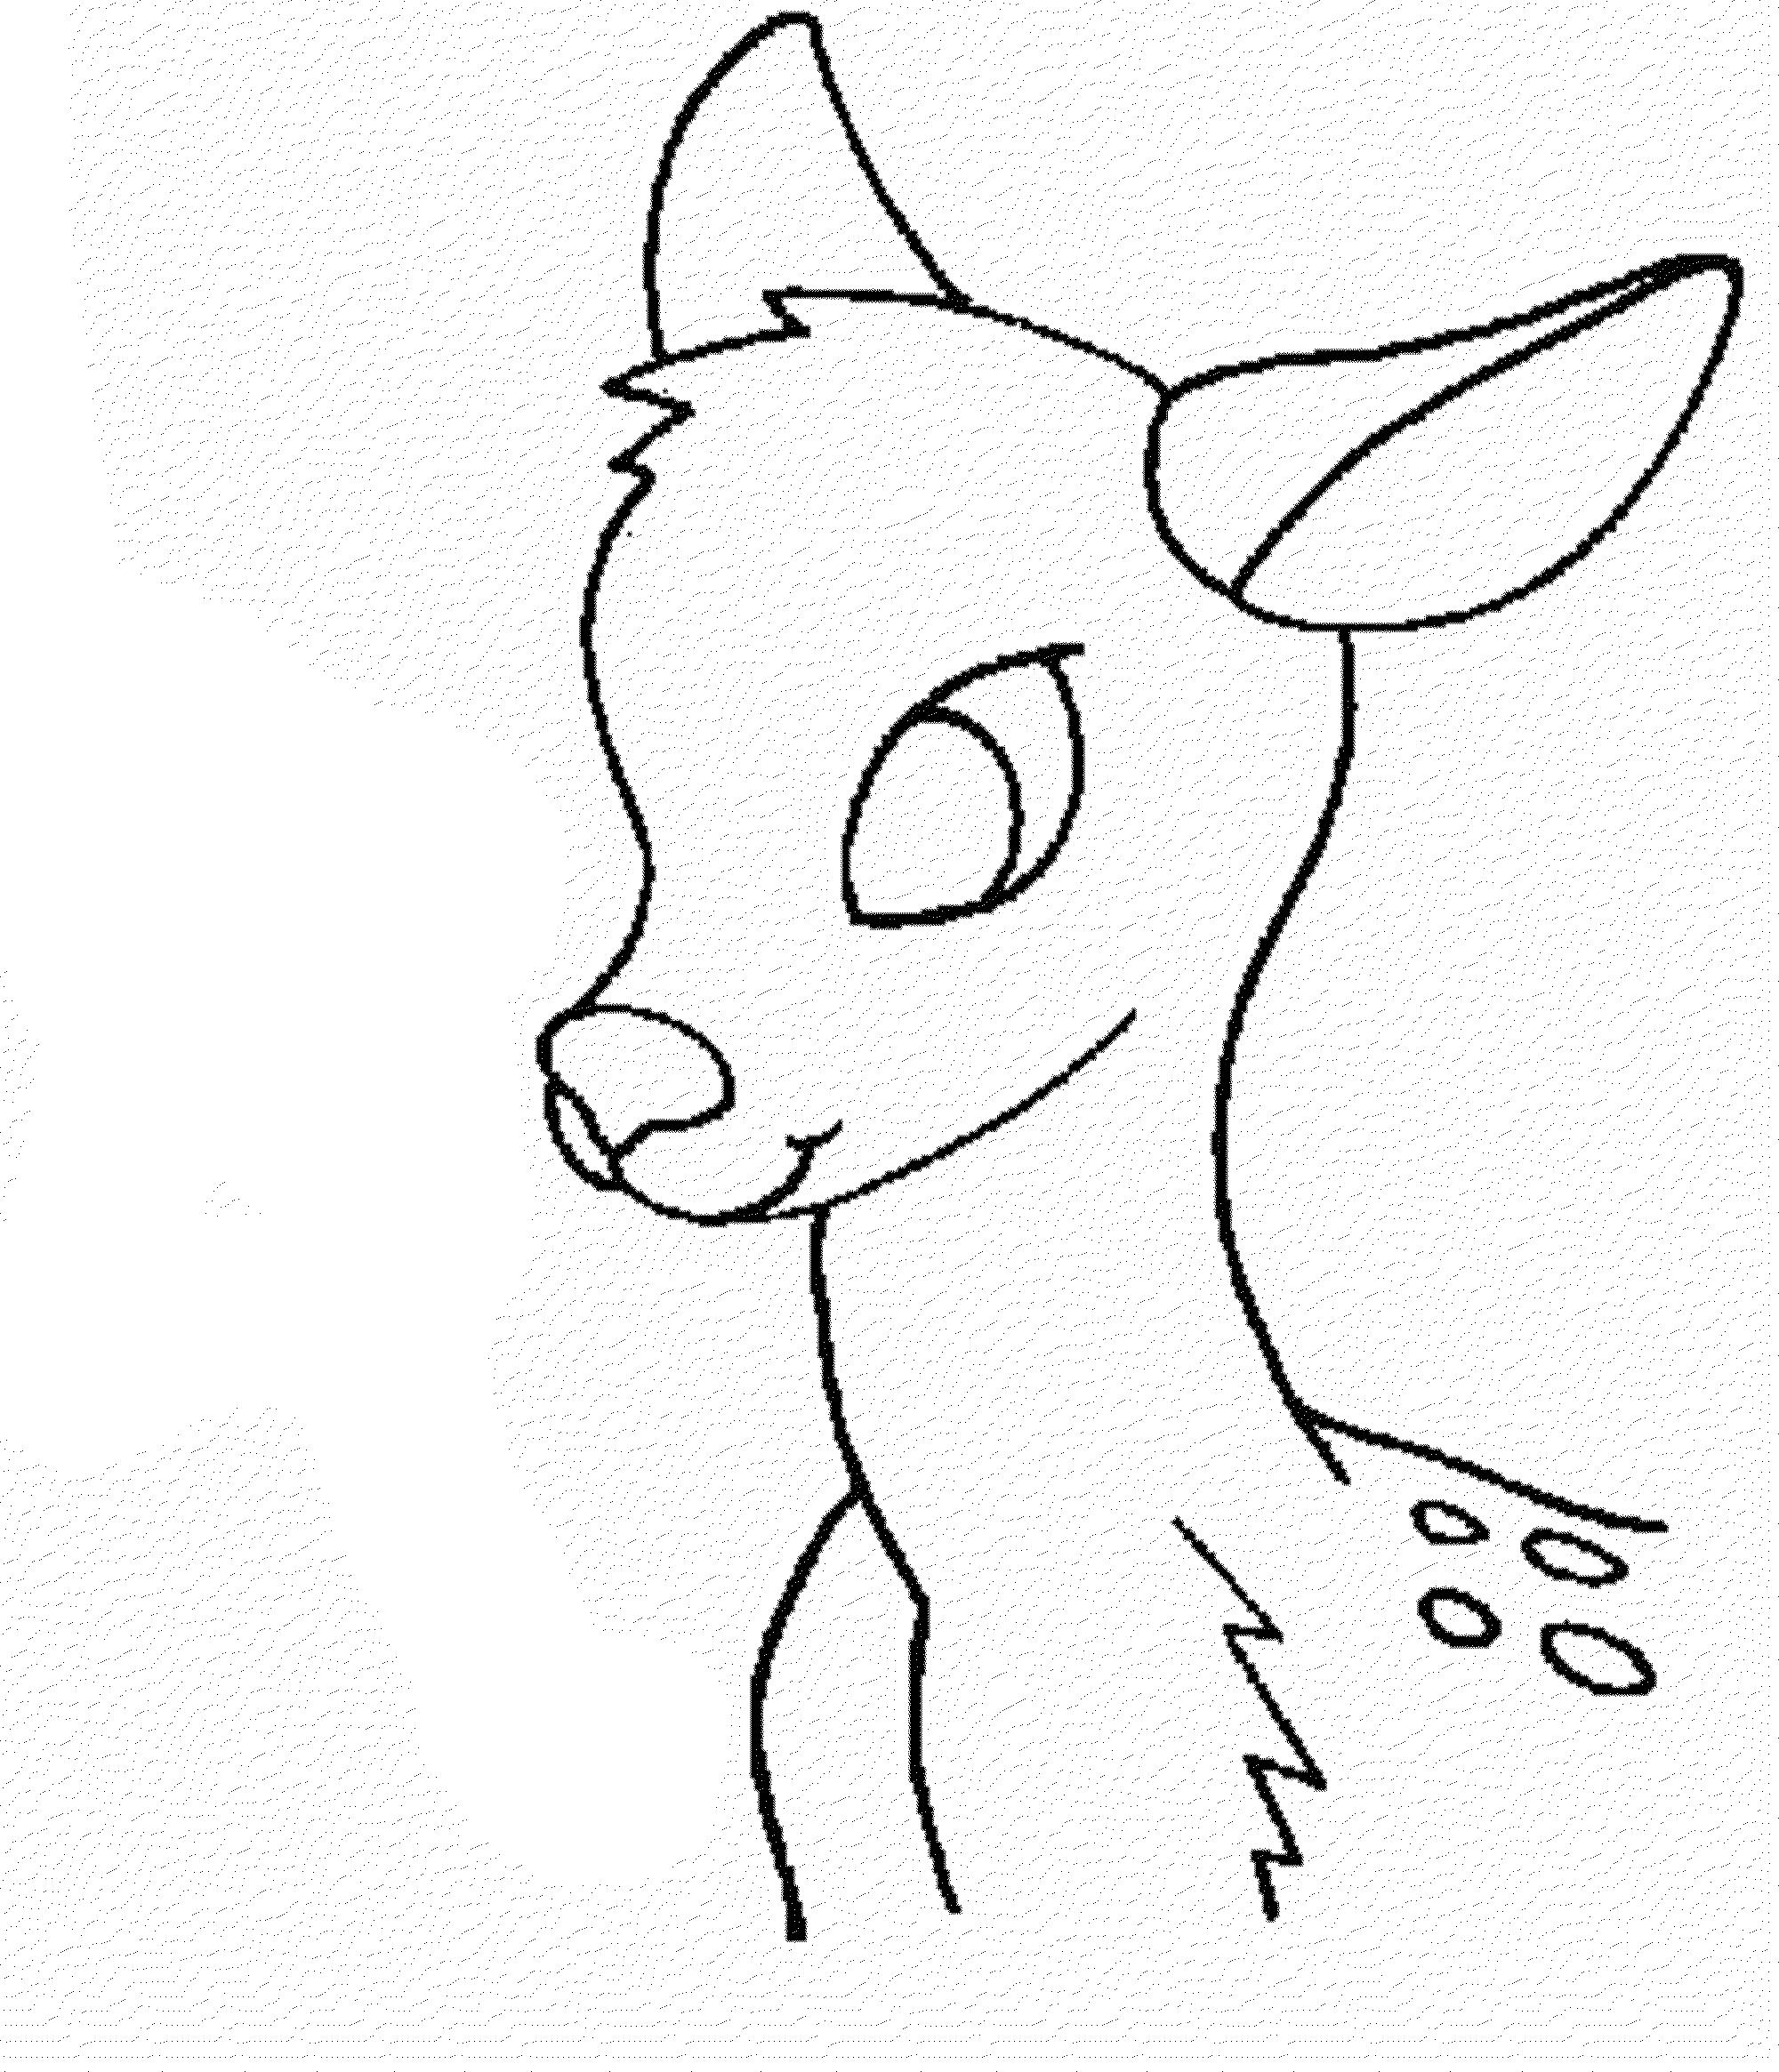 deer head coloring pages print download deer coloring pages for totally pages coloring head deer